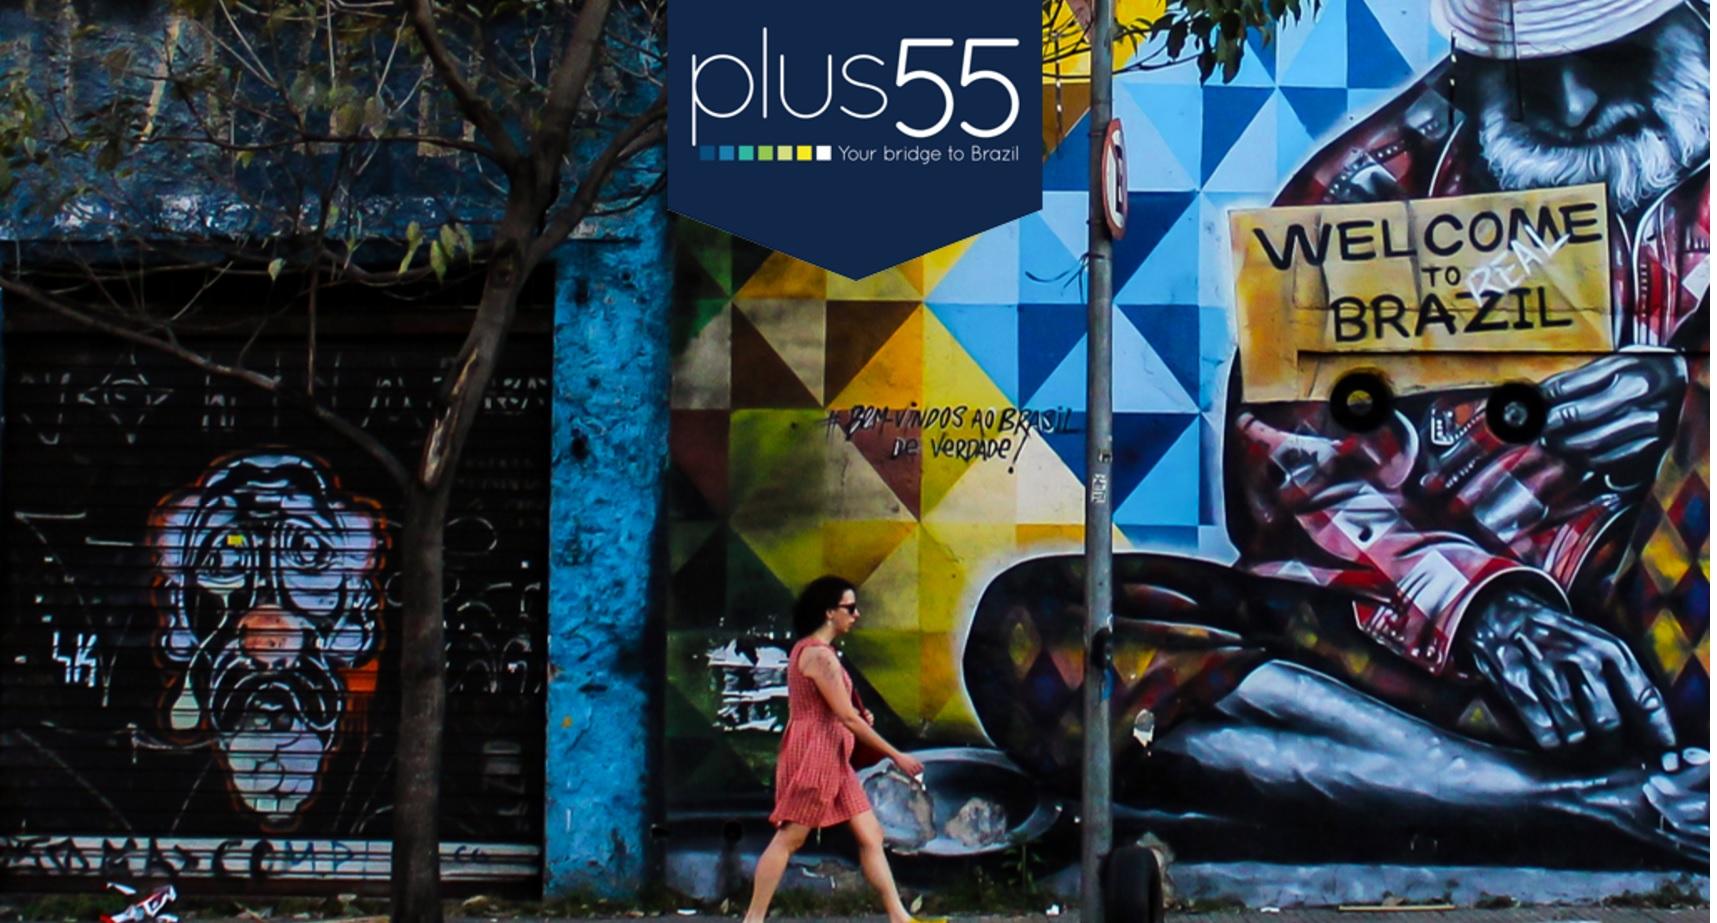 'Não é fácil entender o Brasil', diz criador do plus55, site em inglês sobre o país